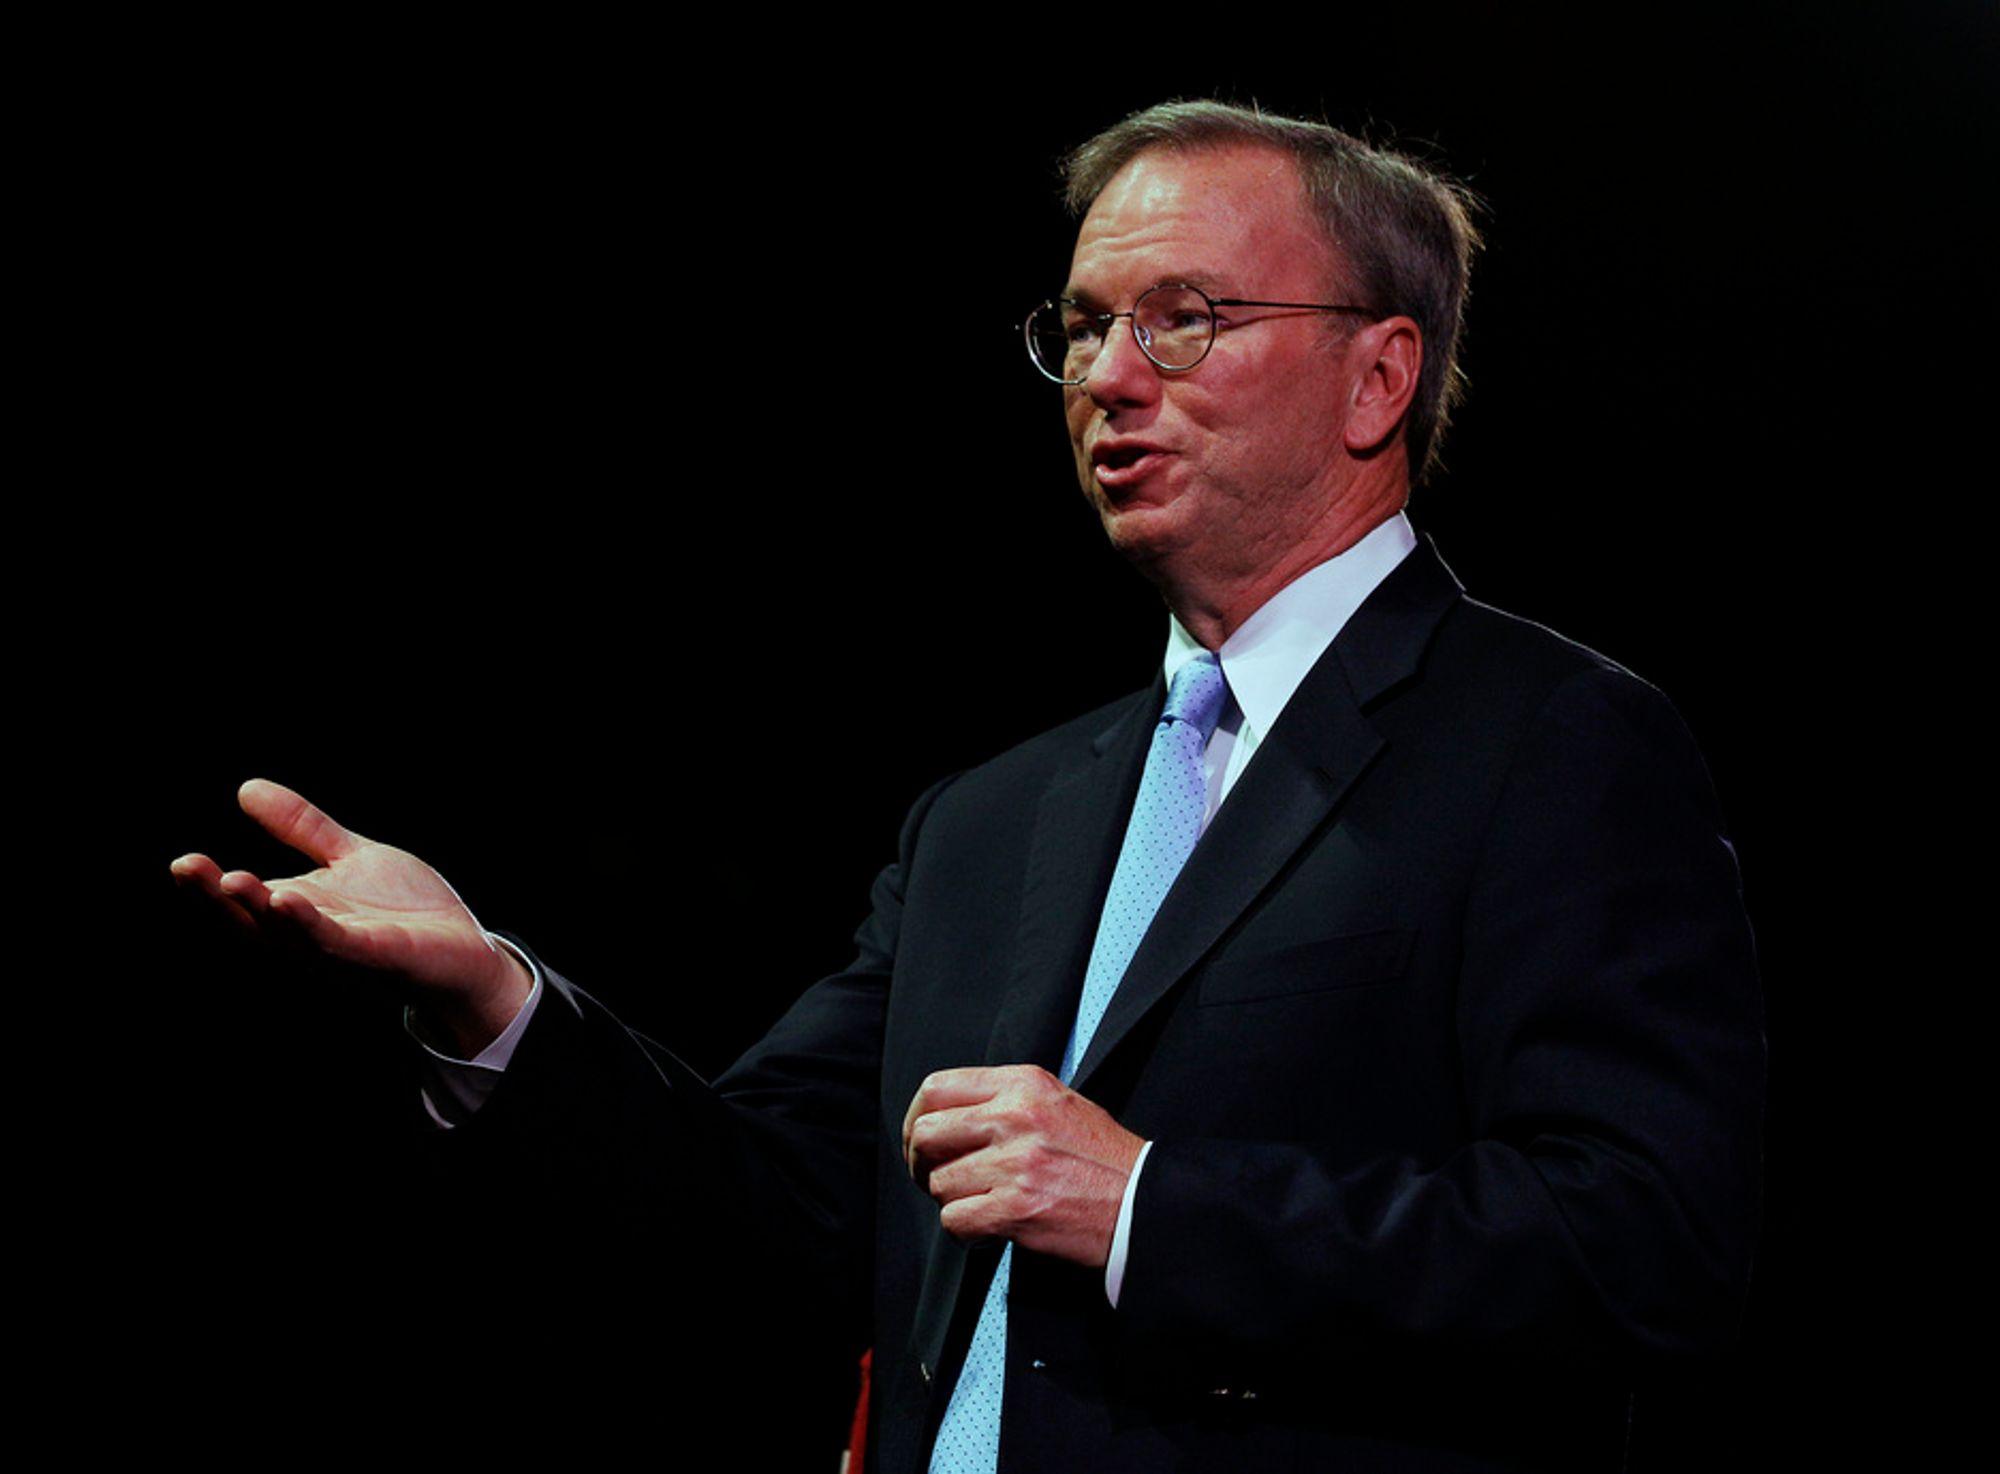 KRITISK: Styreleder Eric Shmidt i Google mener Storbritannia satser altfor lite på realfag og teknologi.